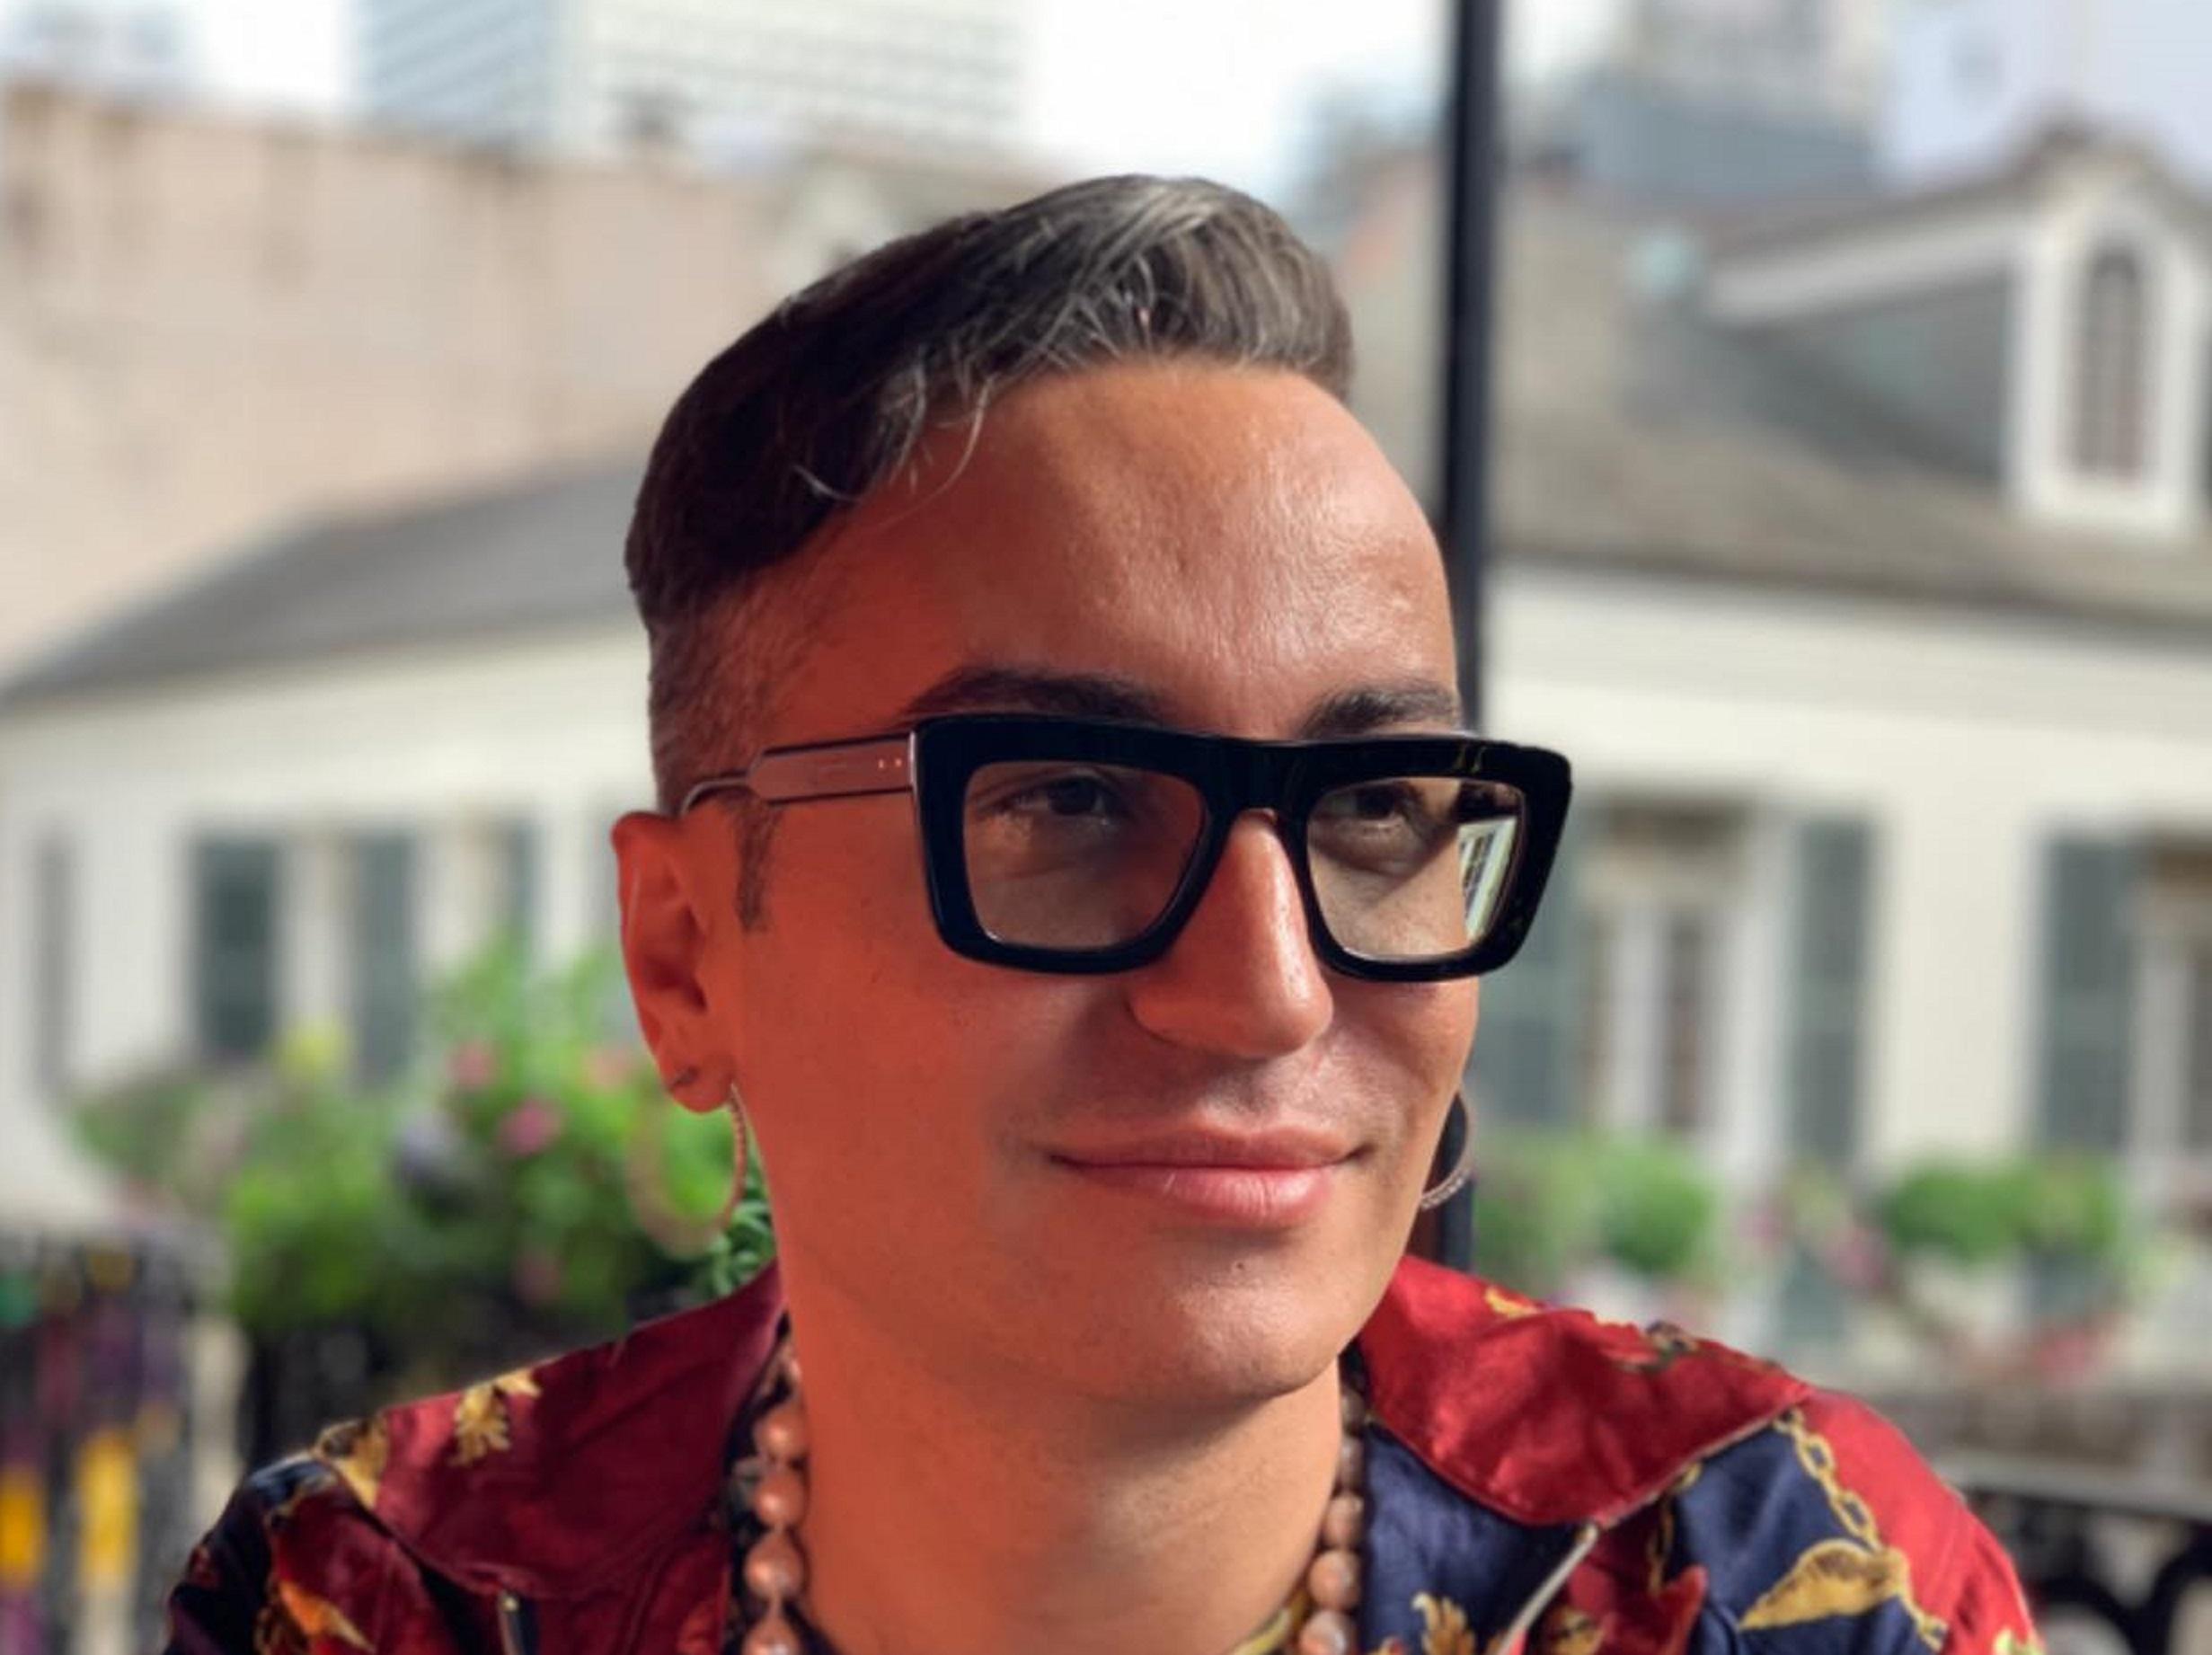 Flet biznesmeni i njohur Elton Ilirjani: Më kërcënojnë pasi deklarova se s'besoj te martesat gay e birësimet - TiranaNews